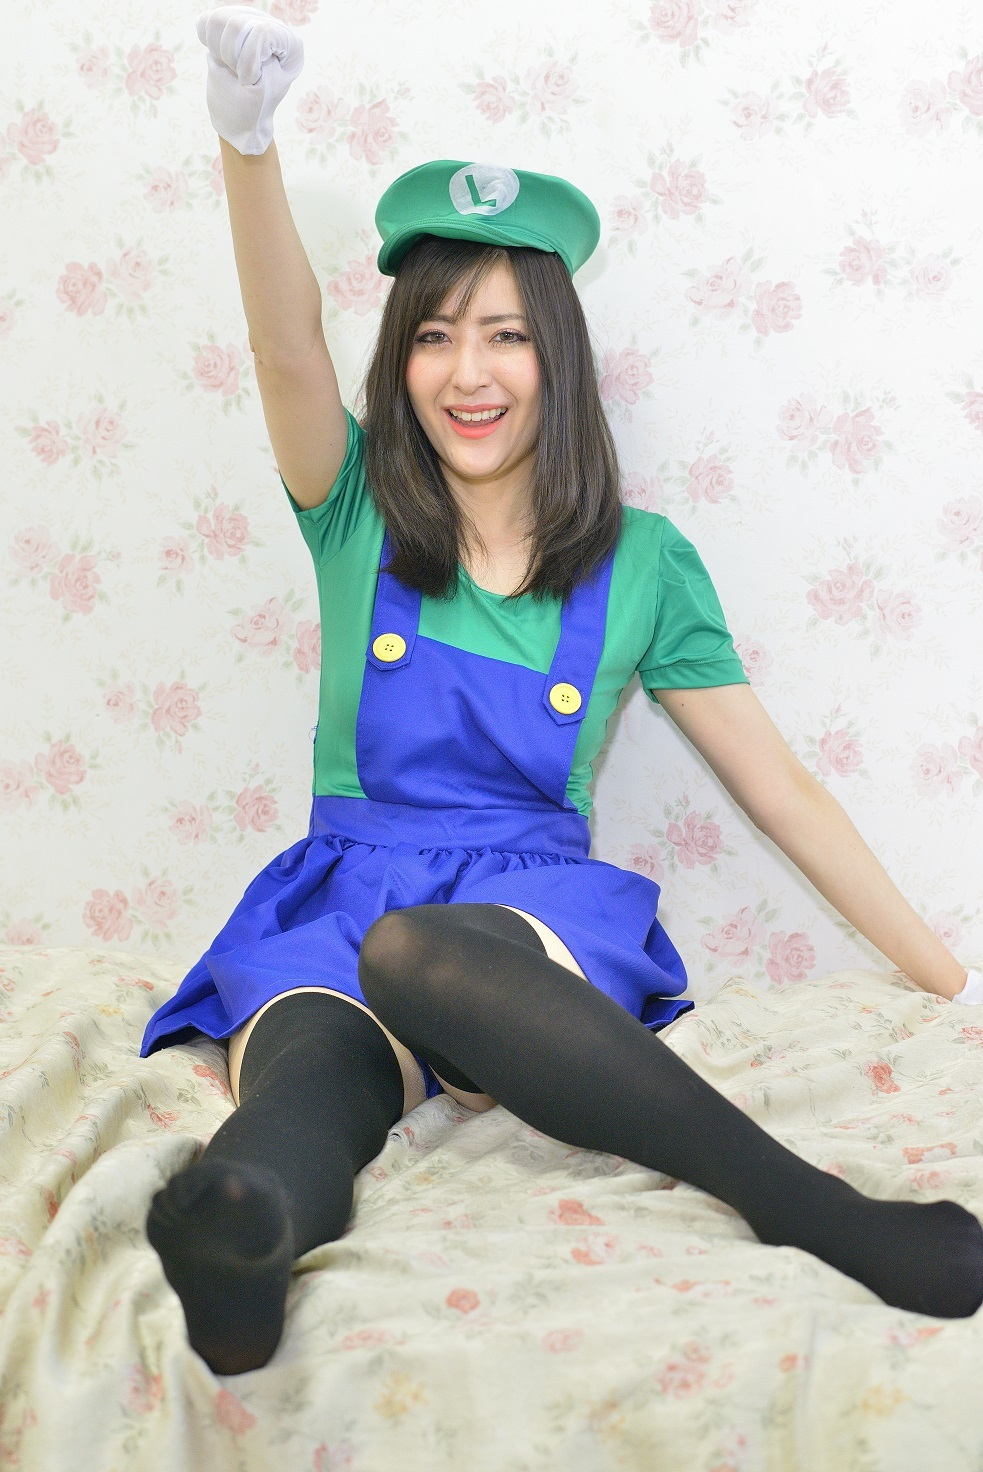 2018年04月16日 川崎撮影スタジオ 春原このみさんです。_e0194893_22460317.jpg